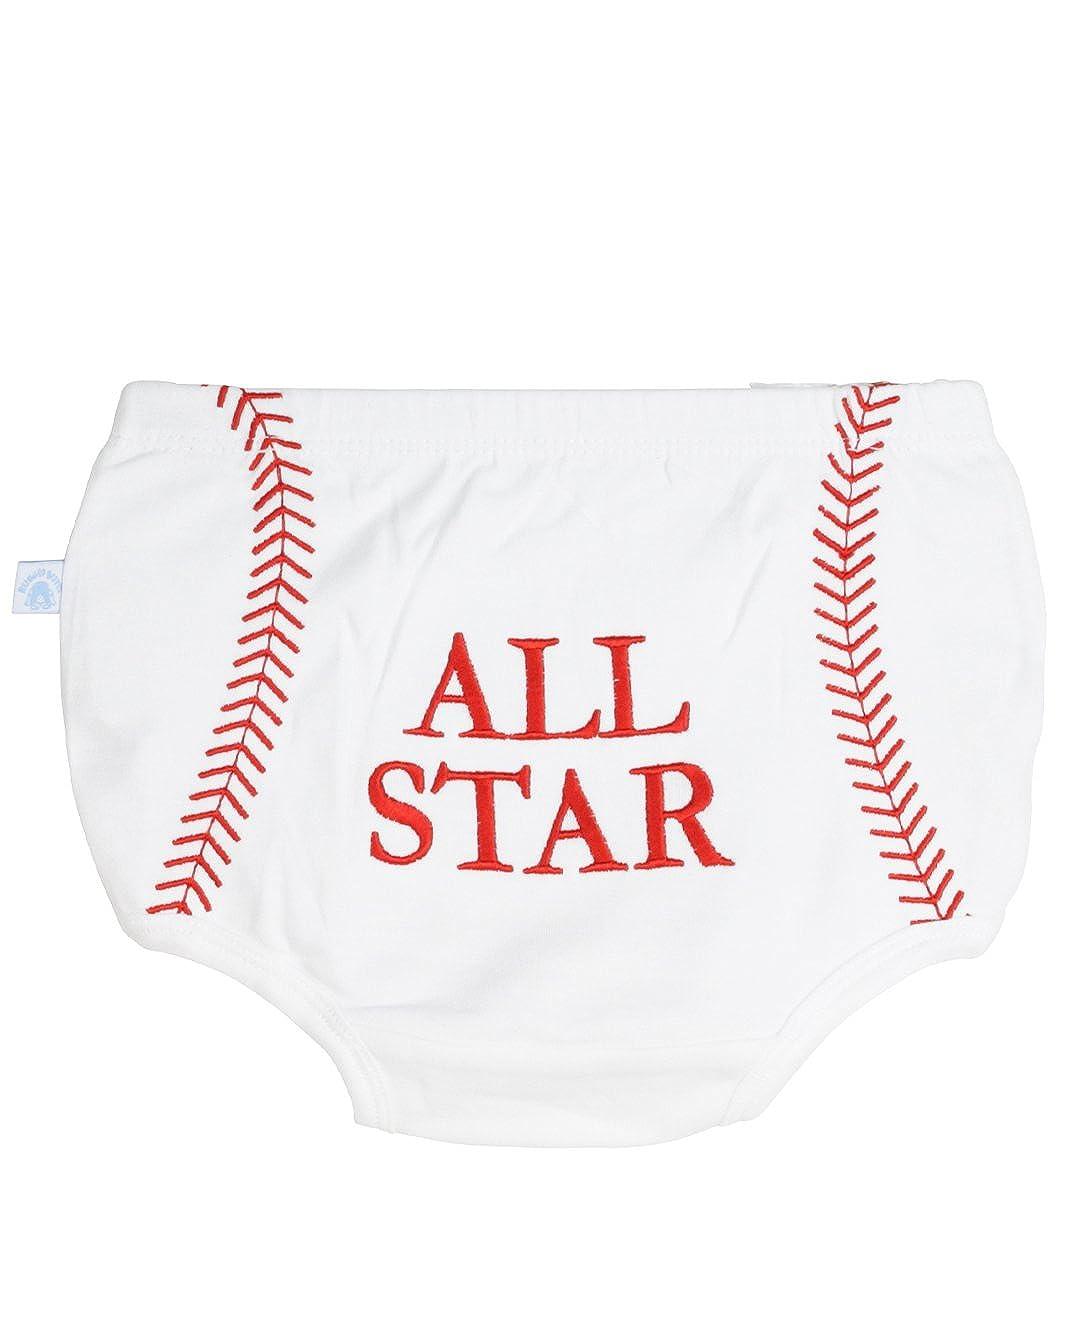 Little Rugged Infant/Toddler Boys' All Star Baseball Bloomer LR-BBKWHXX-BRAS-BABY